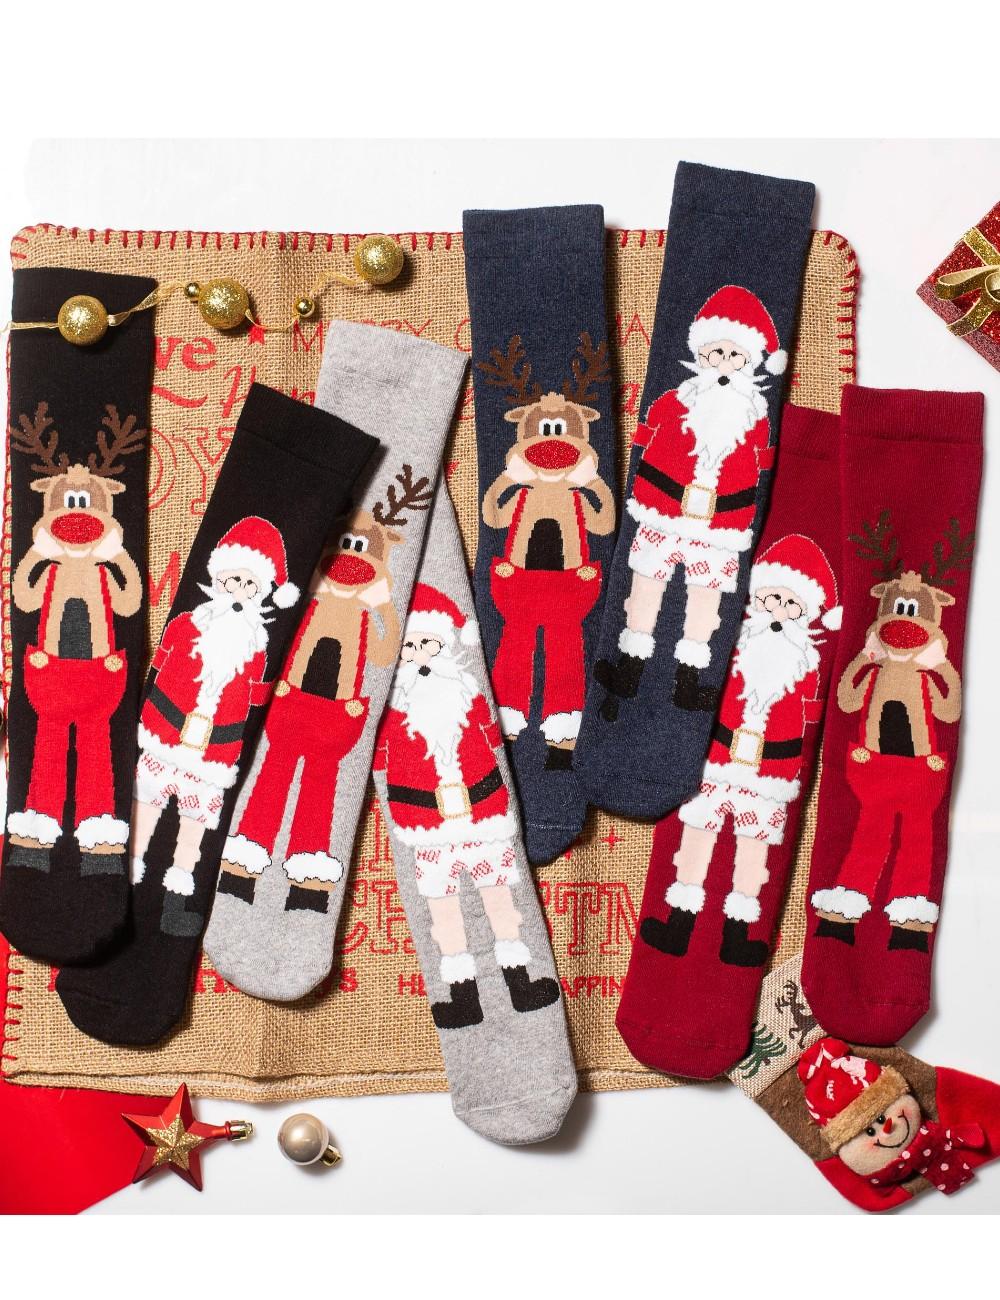 Κάλτσες Χριστουγεννιάτικες Best Friends Vtexsocks Σετ 4 τμχ